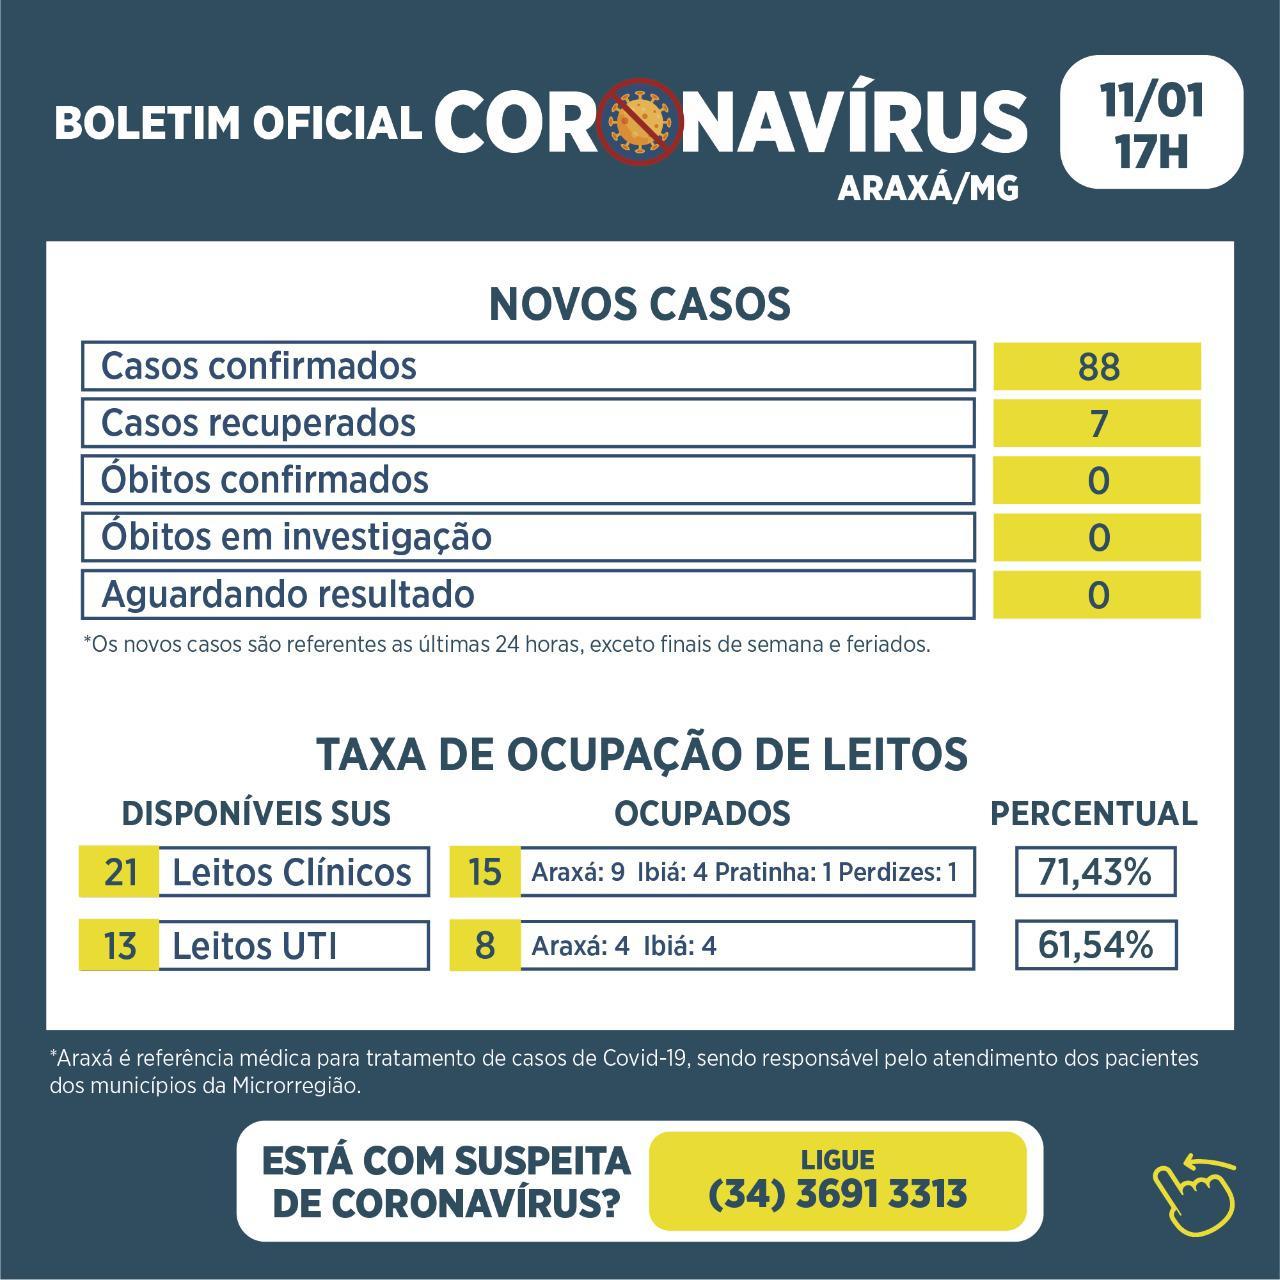 Boletim registra 88 novos casos de Covid-19 e 7 recuperados 1